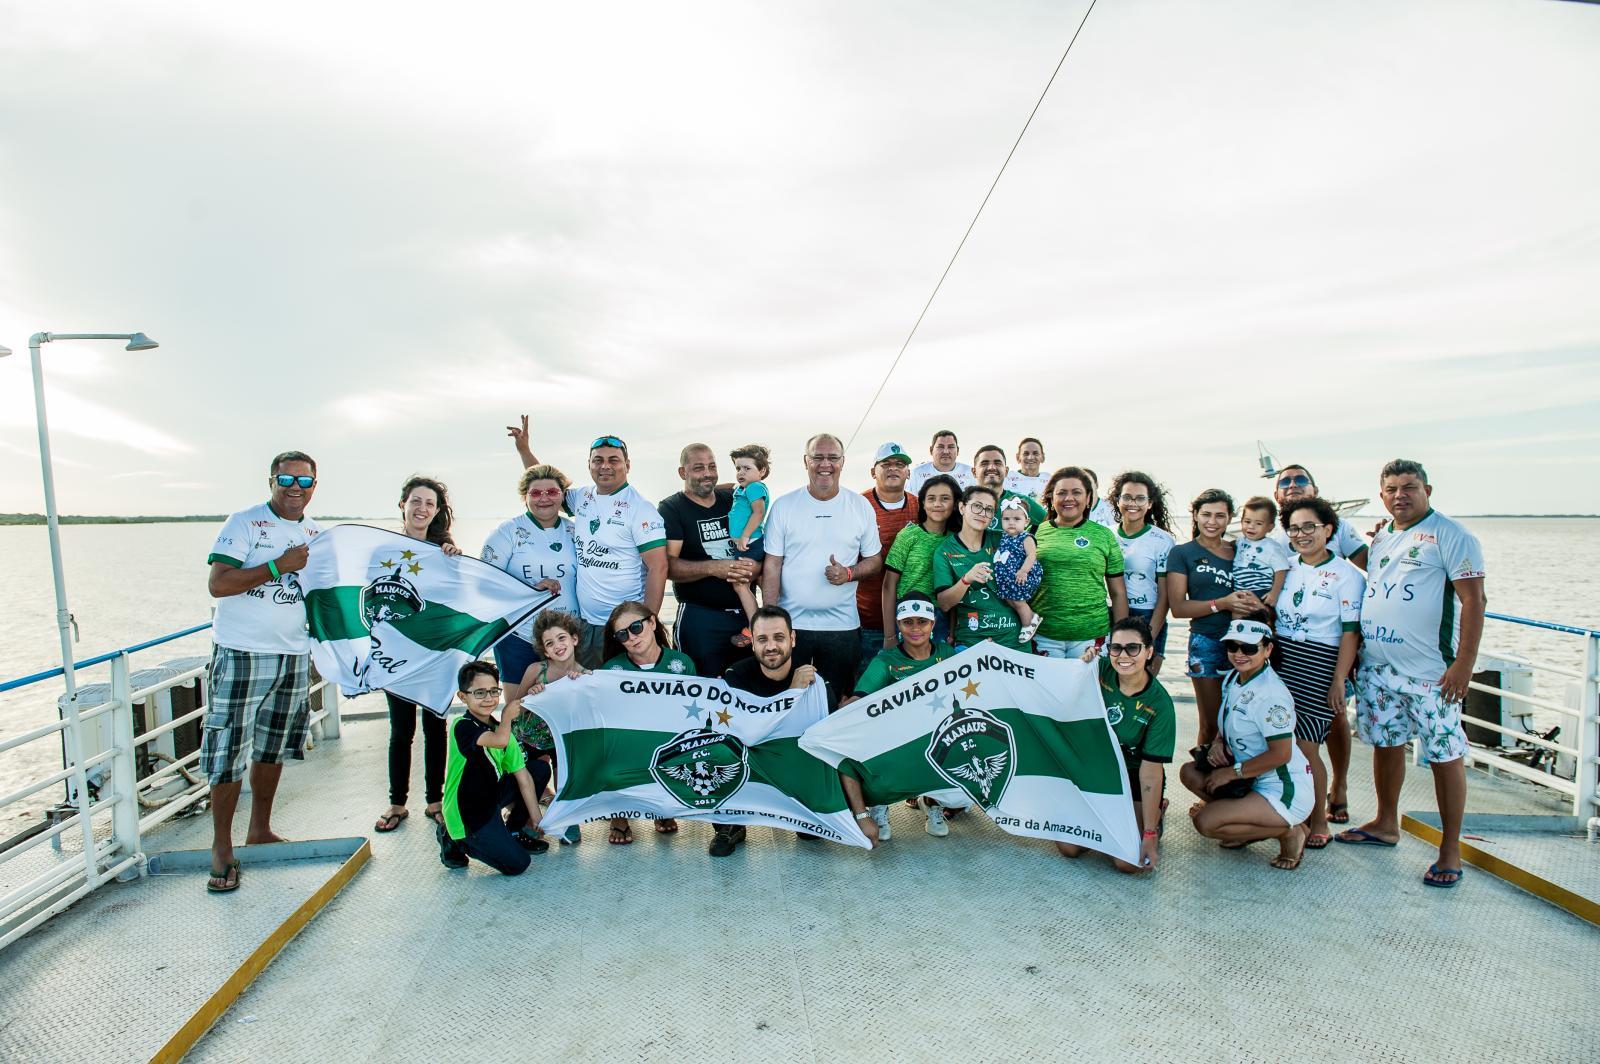 Torcida esmeraldina viaja 760 km para ver jogo do Manaus FC em Santarém